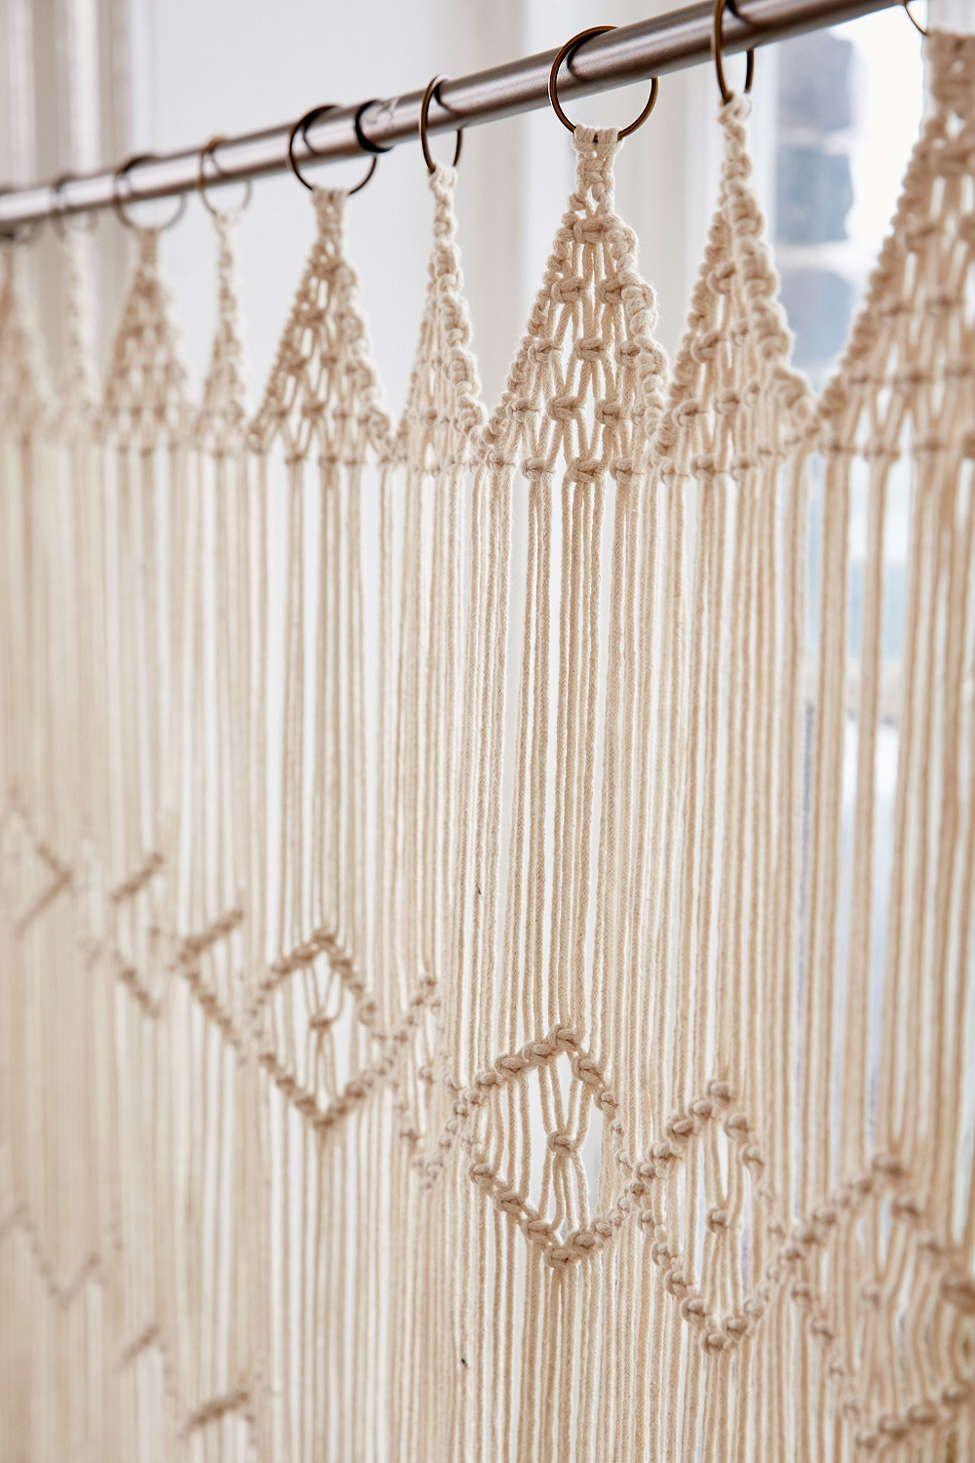 Macrame Wall Hanging  crochet  Cortina de macram